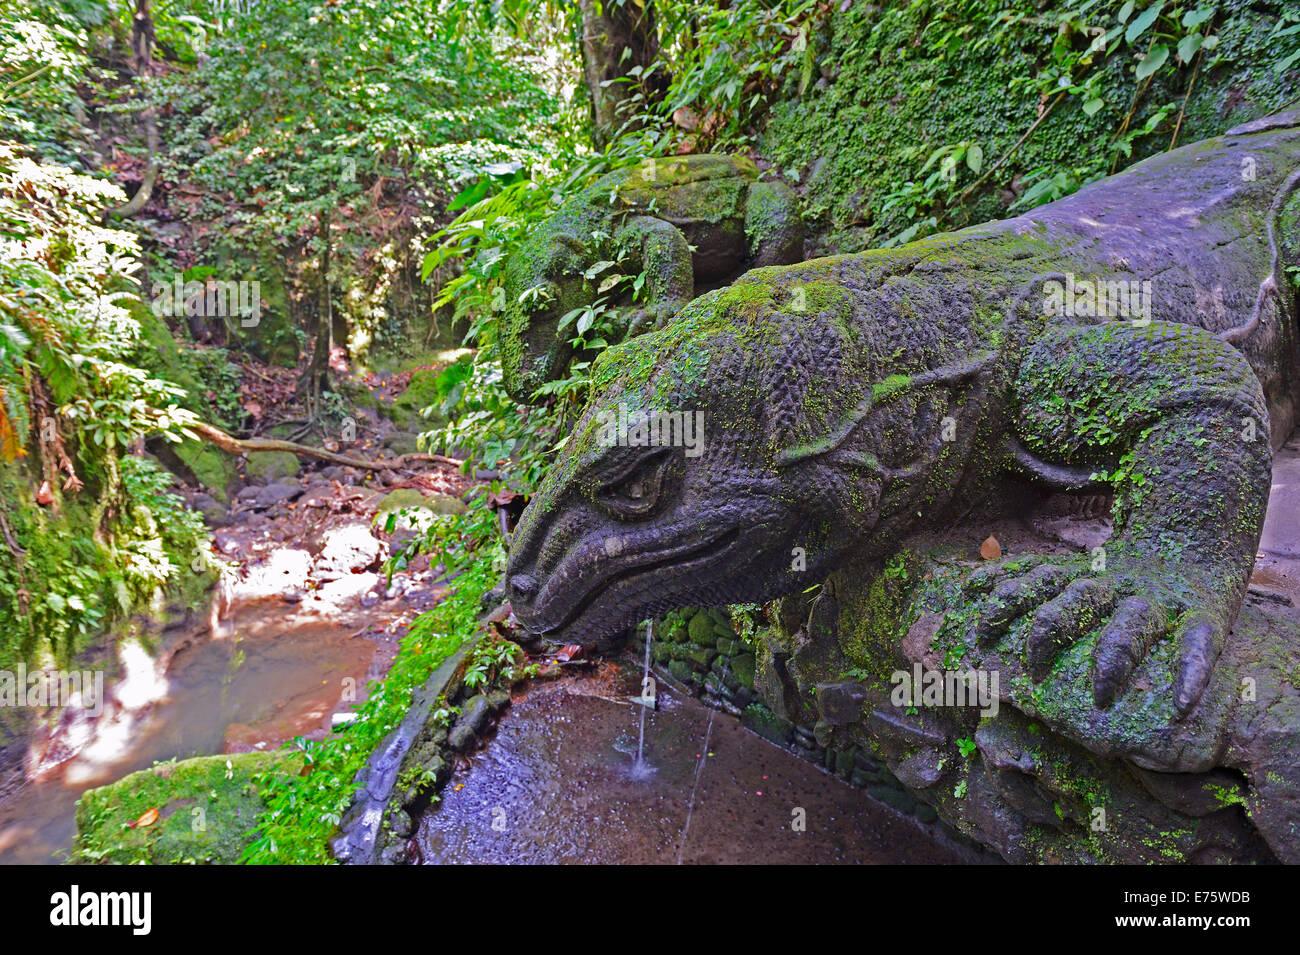 Stone komodo dragons at the Holy Spring Temple, Ubud Monkey Forest, Ubud, Bali, Indonesia - Stock Image